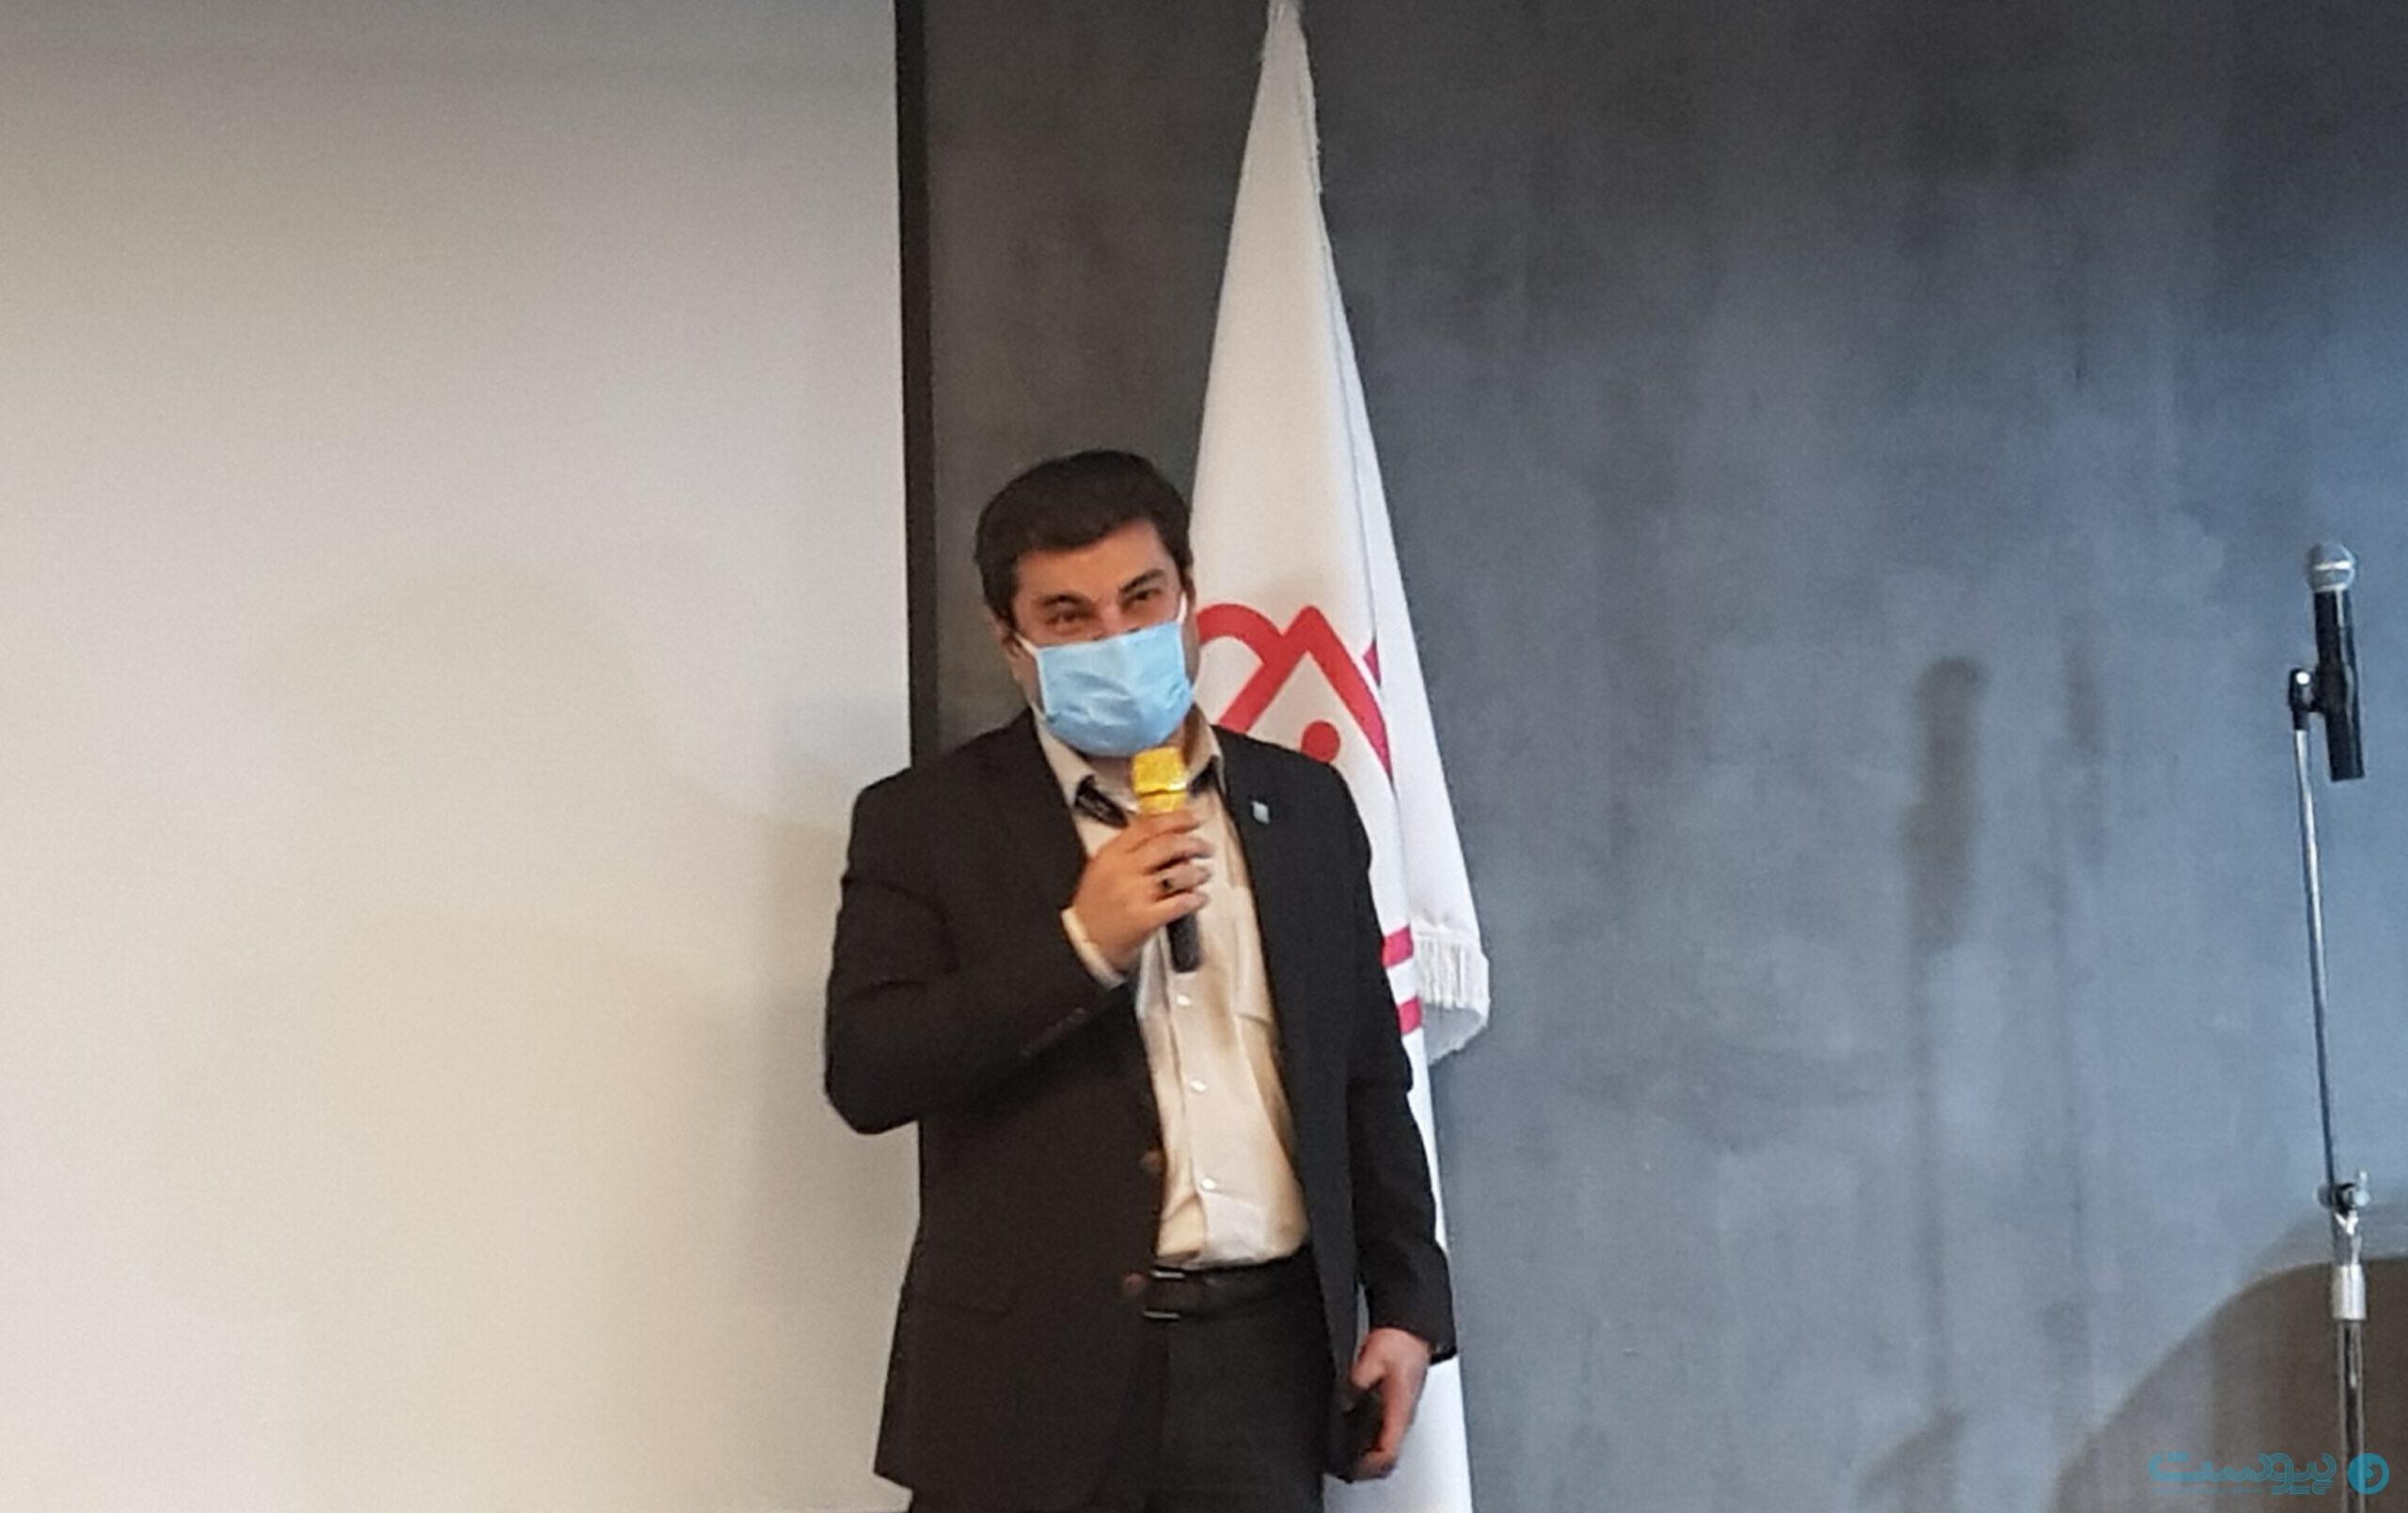 حامد ساجدی؛ مدیرعامل شرکت شناسا